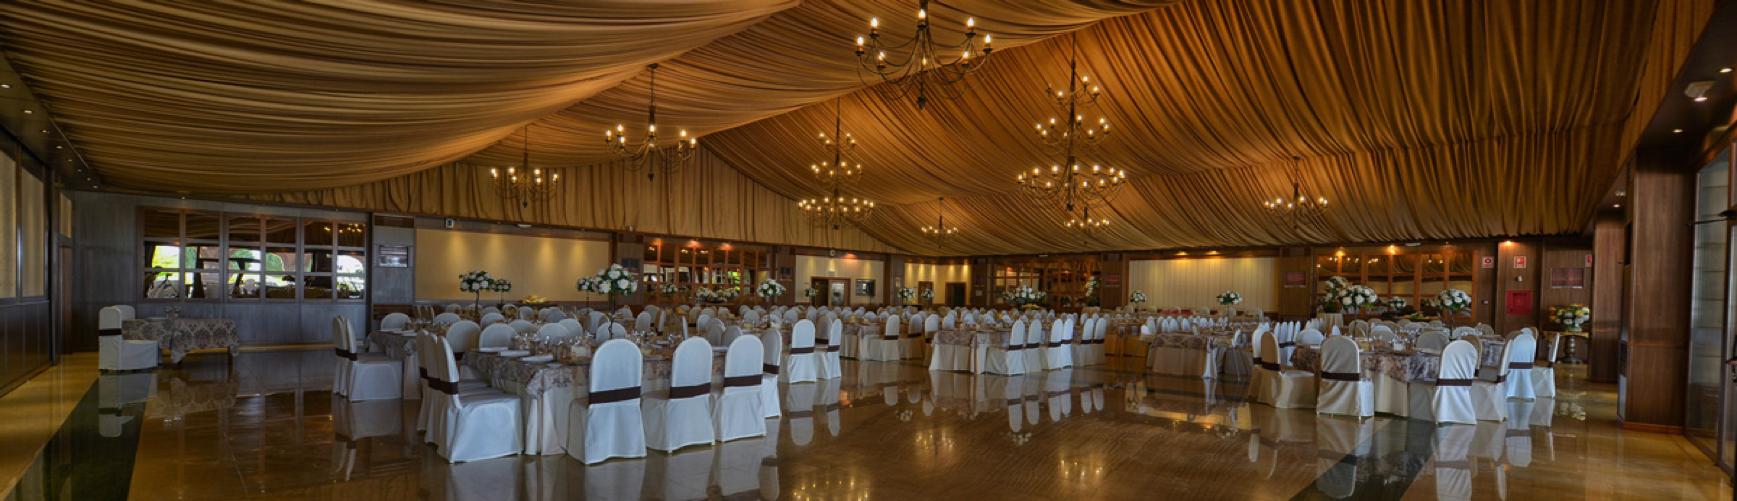 Los mejores salones de boda cerca de madrid donde casarse - Donde celebrar mi boda en madrid ...